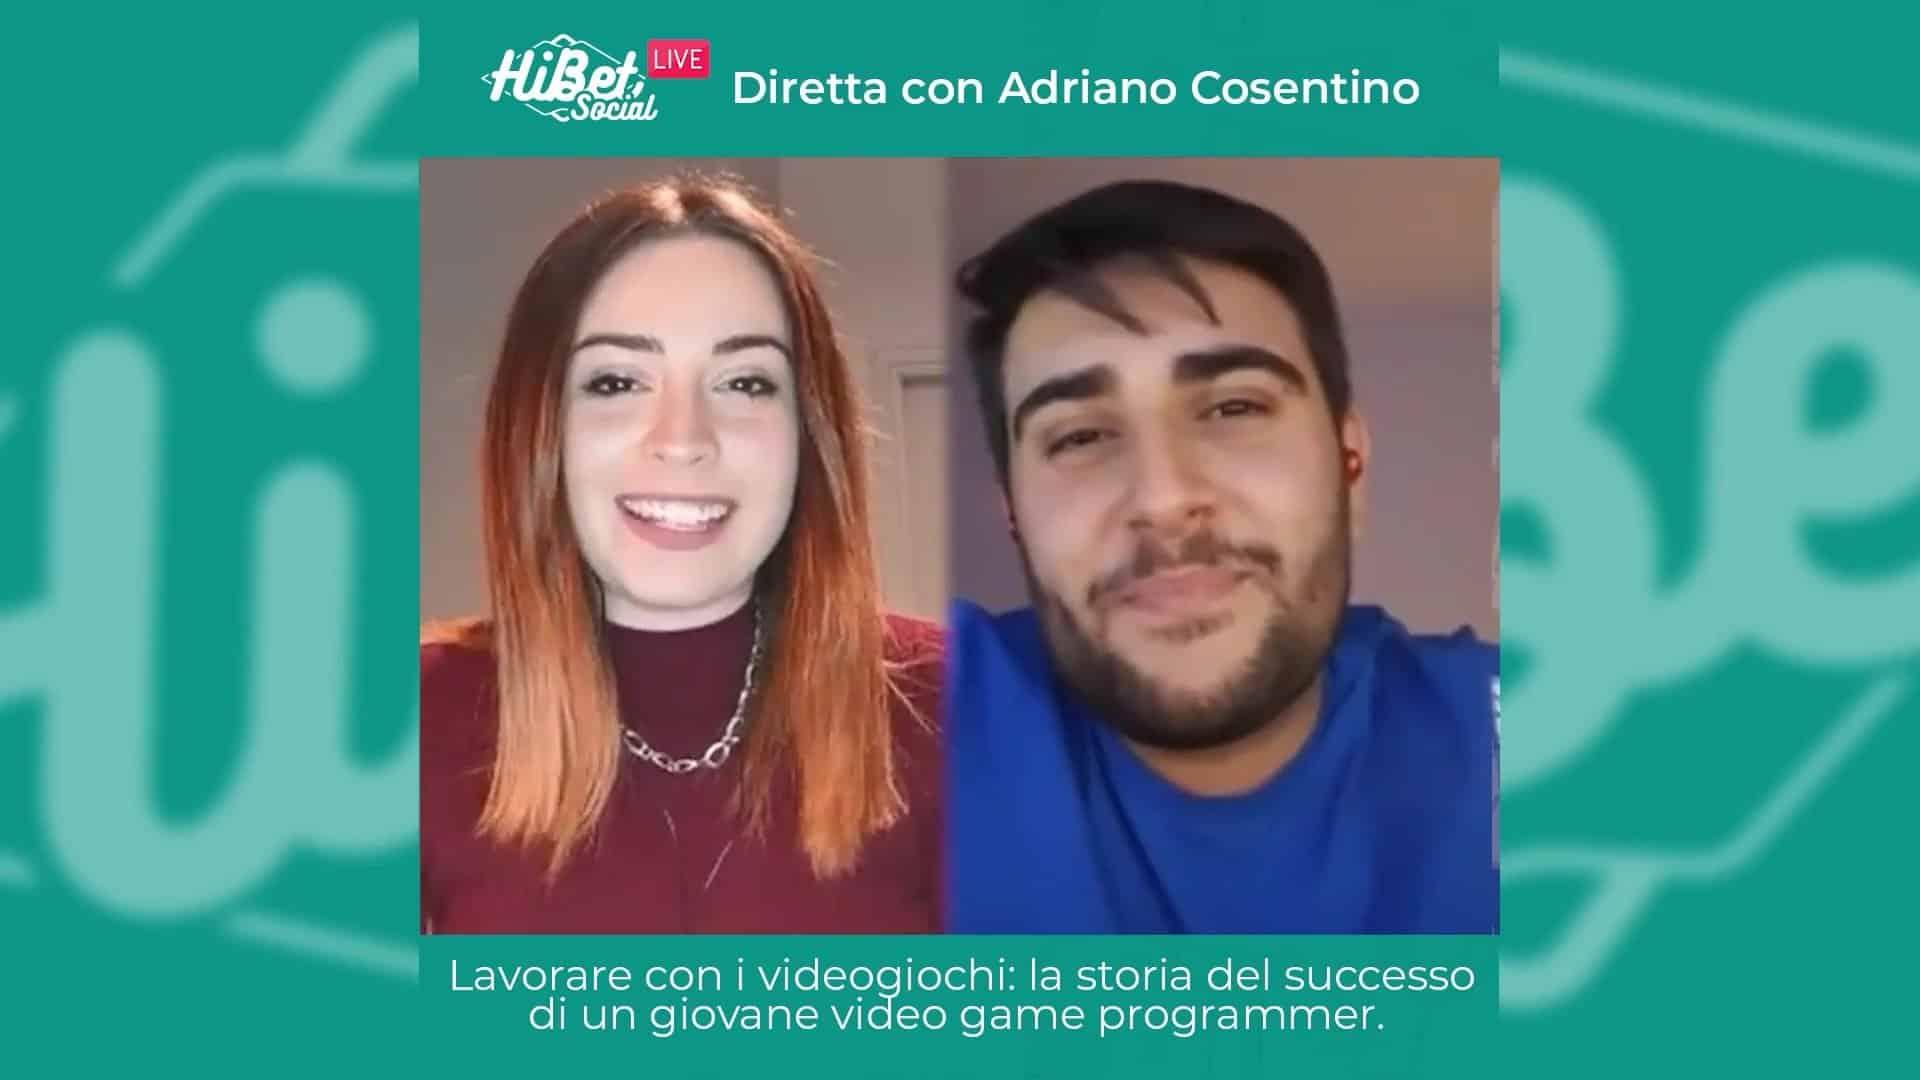 La nostra diretta con Adriano Cosentino, appassionato di videogiochi e video programmer